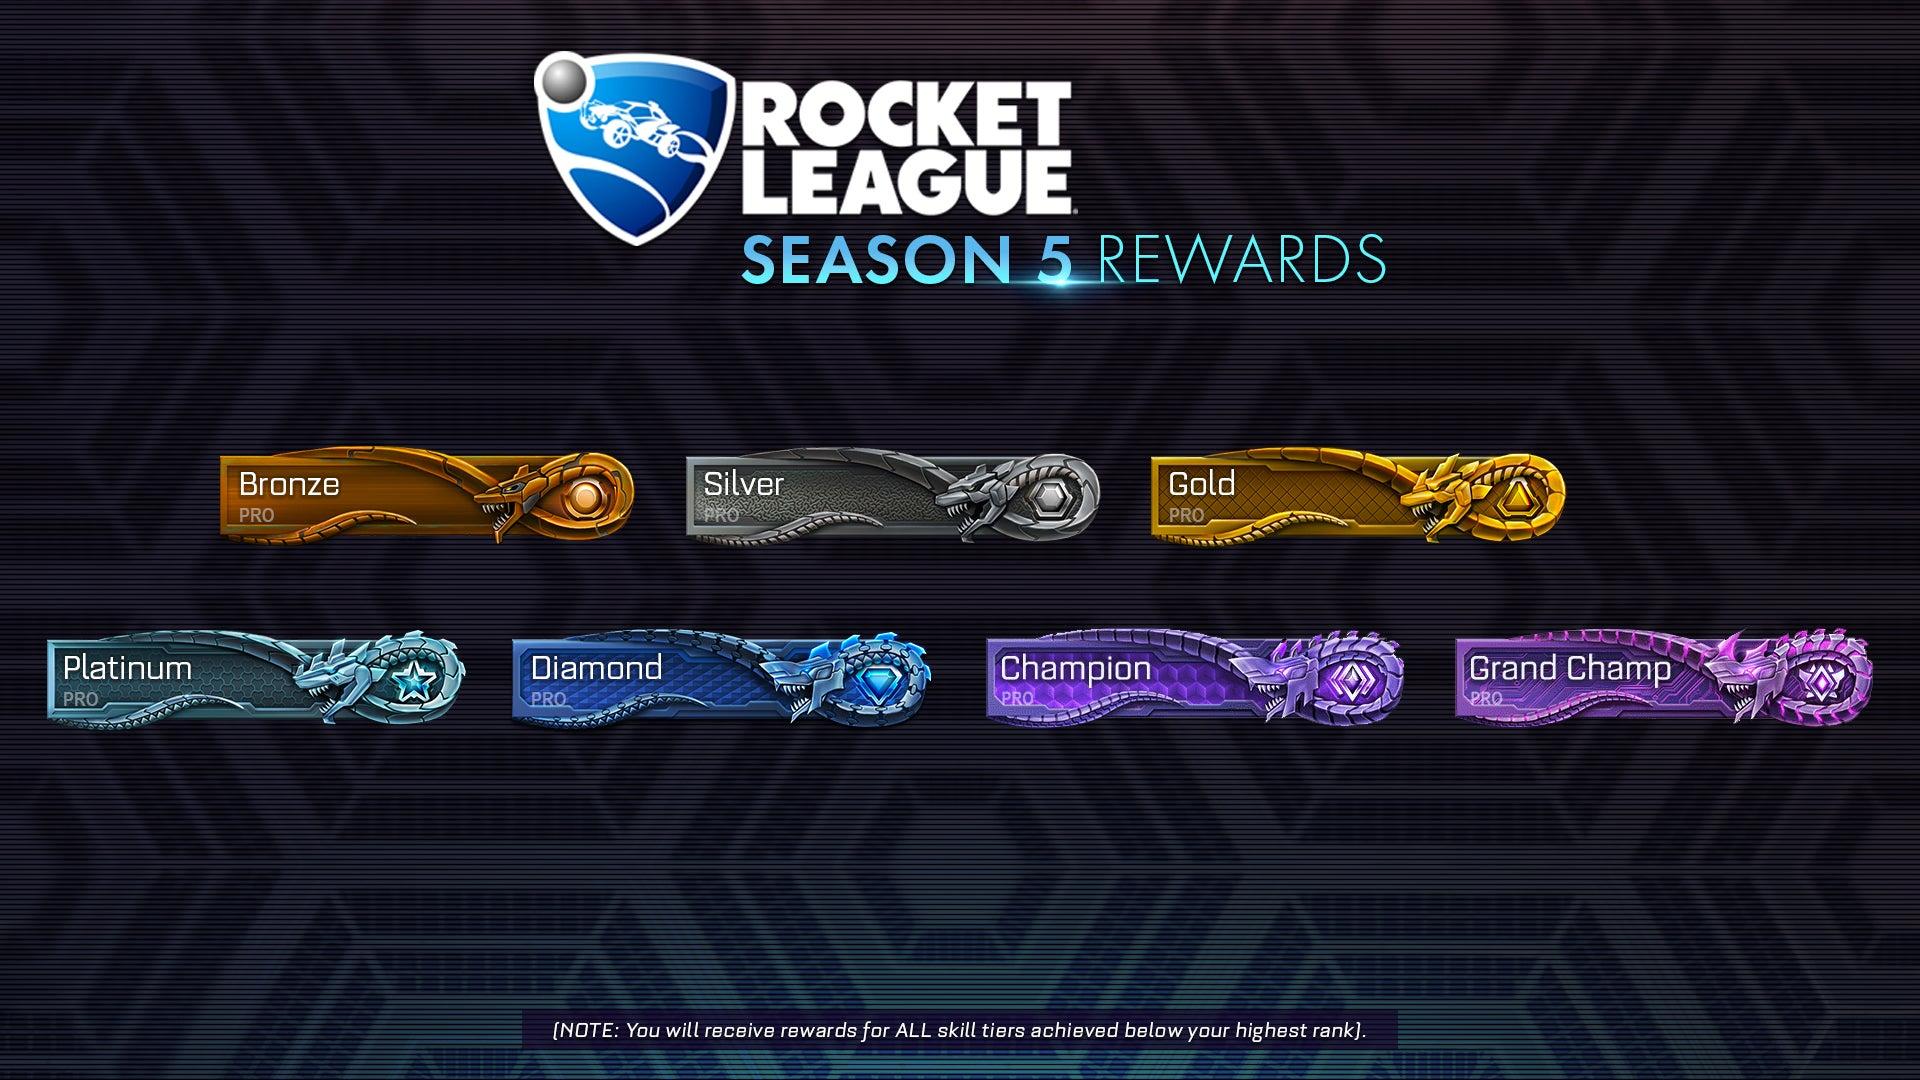 Hon matchmaking rewards